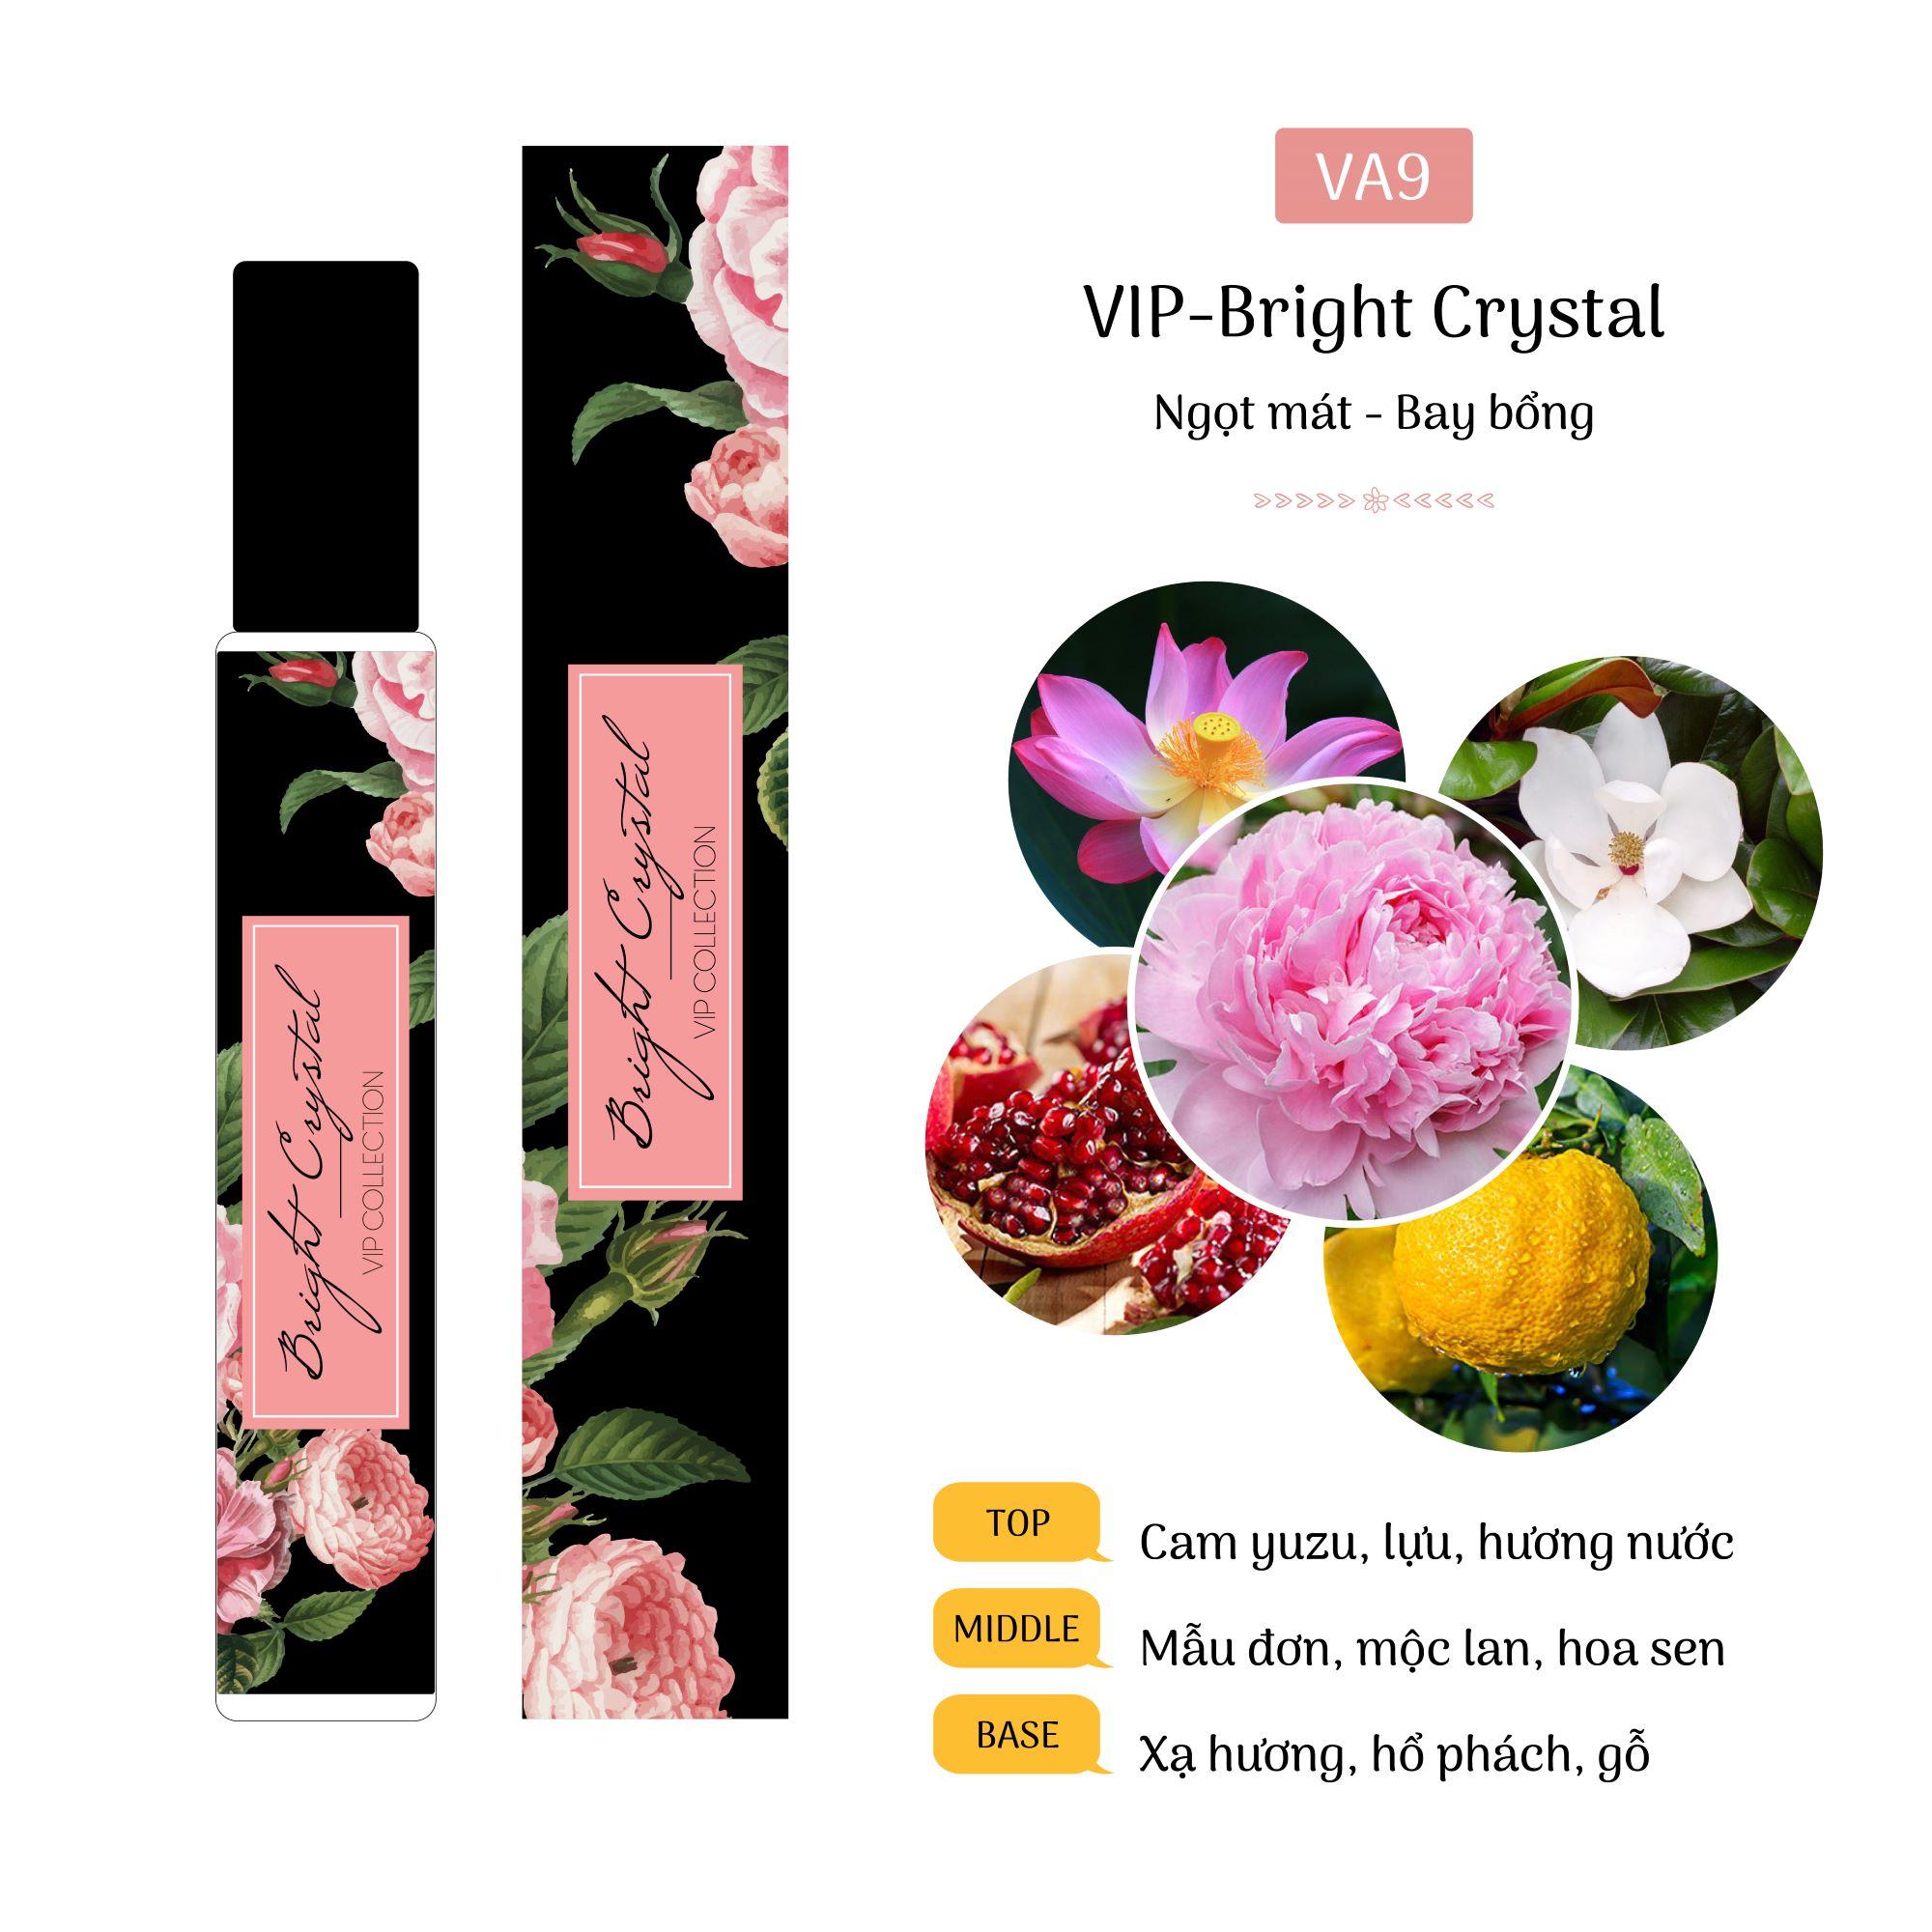 Tinh Dầu Nước Hoa Pháp Bright Crystal